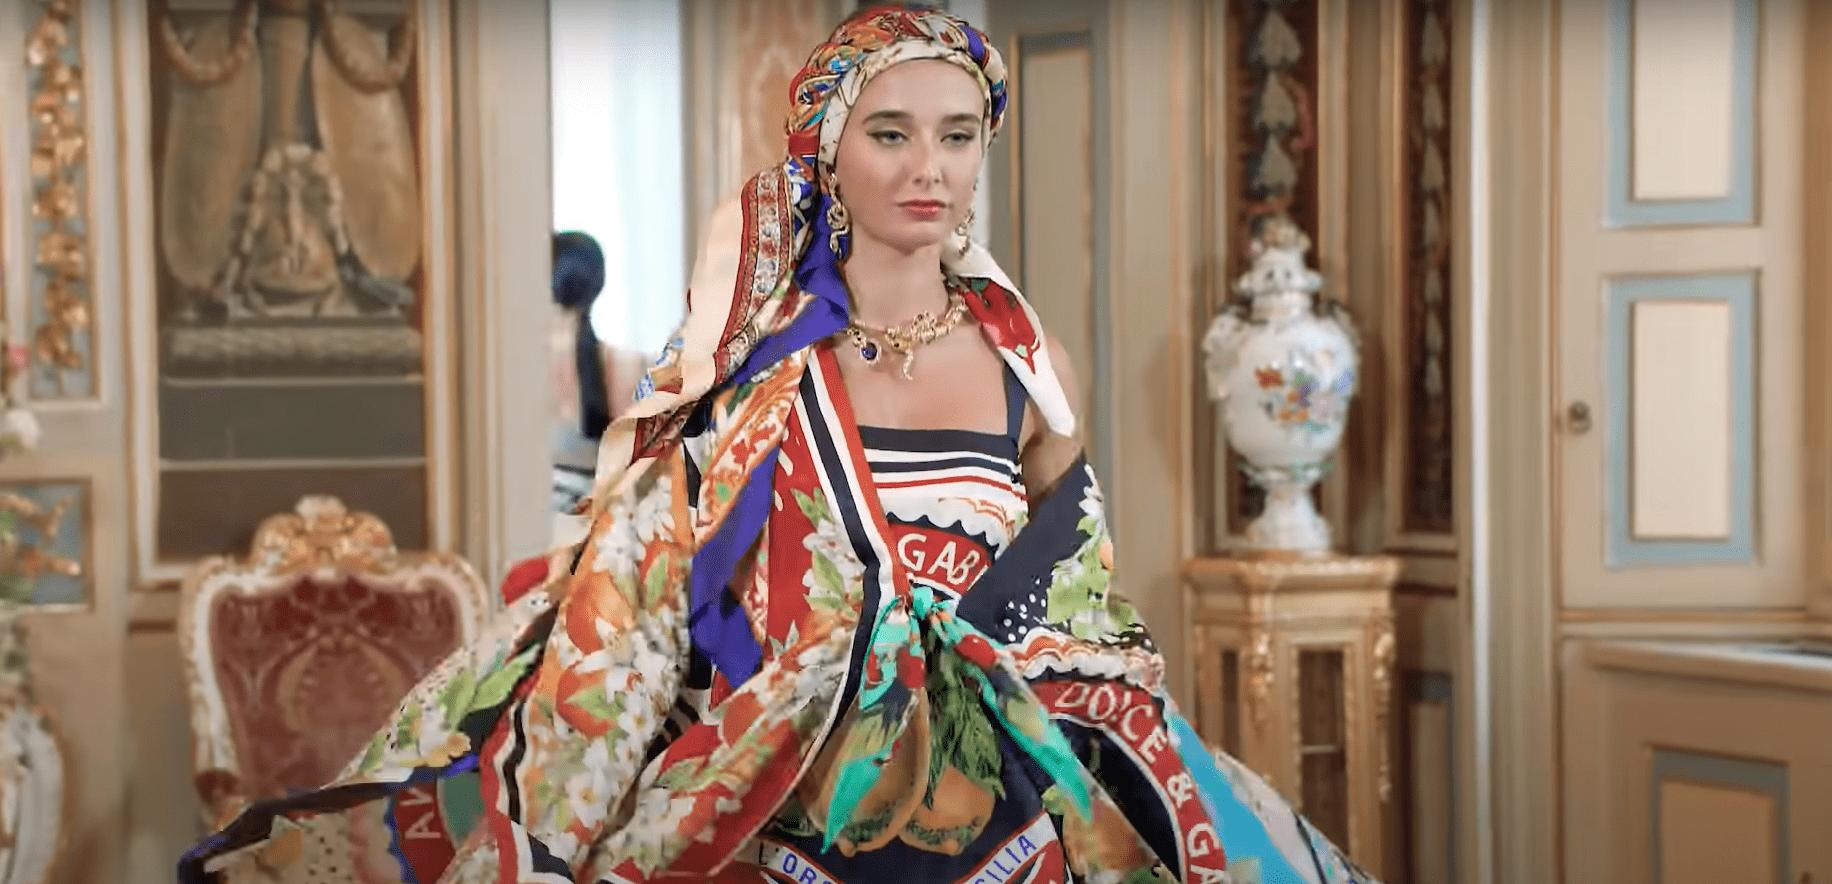 Alta Moda, Palazzo Dolce&Gabbana, July 2020